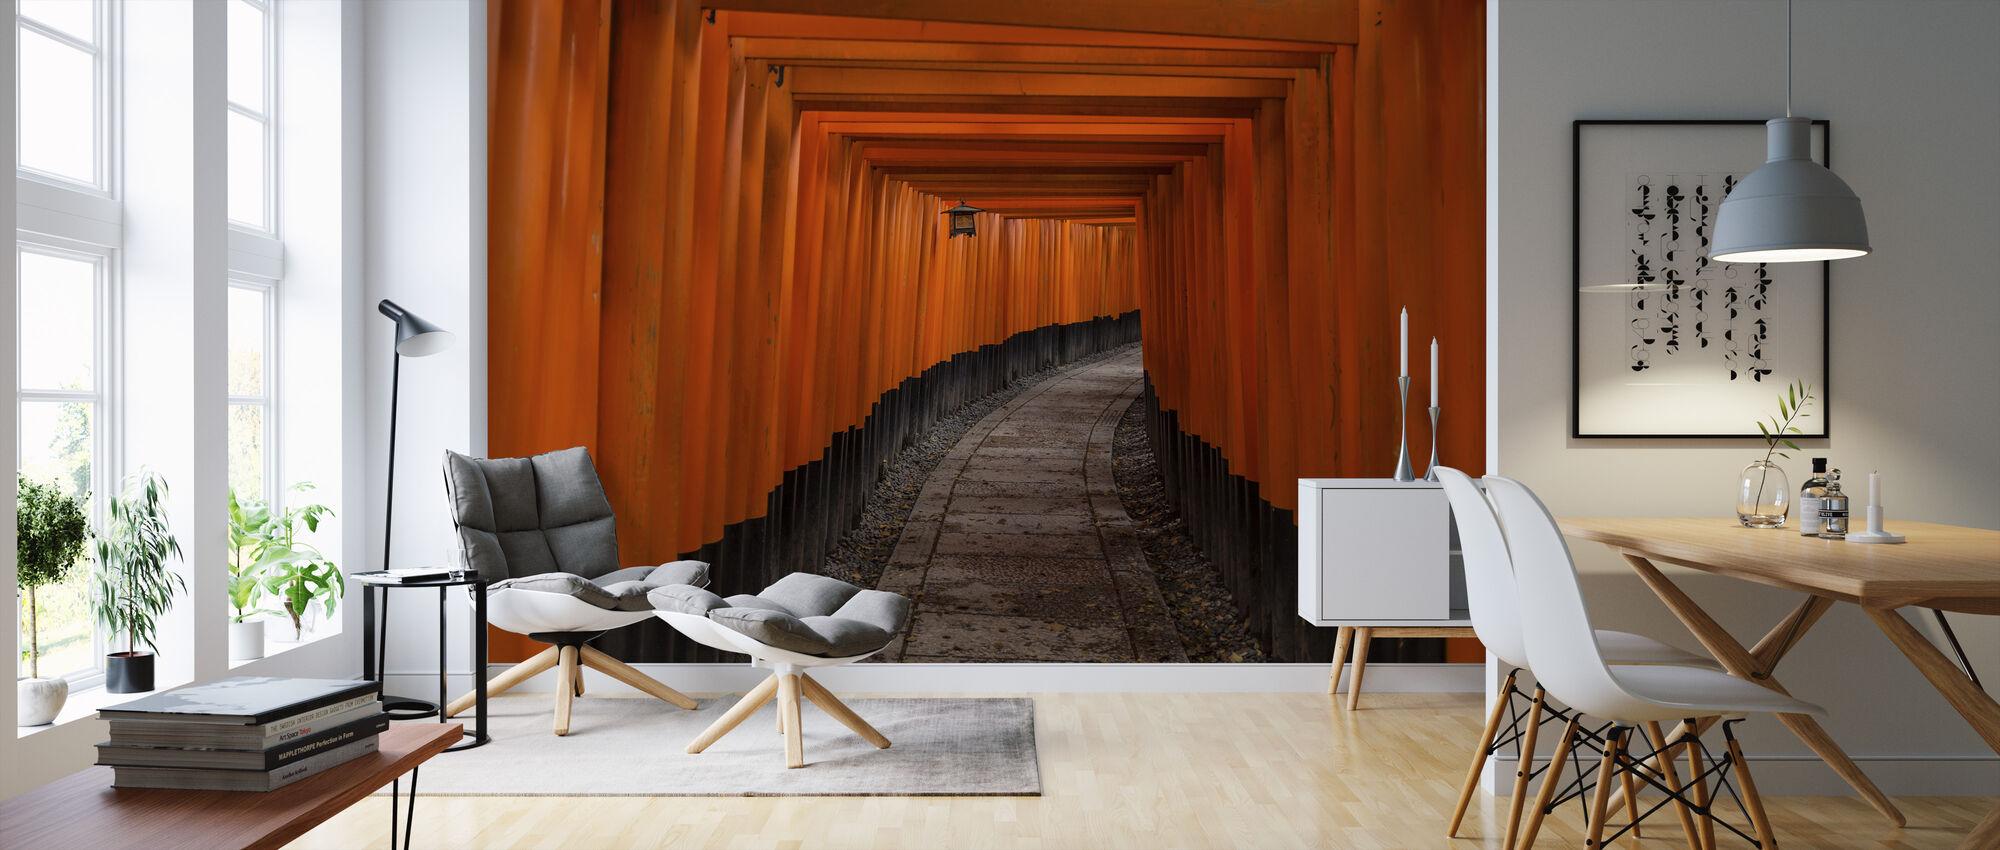 Tunnel du Japon - Papier peint - Salle à manger